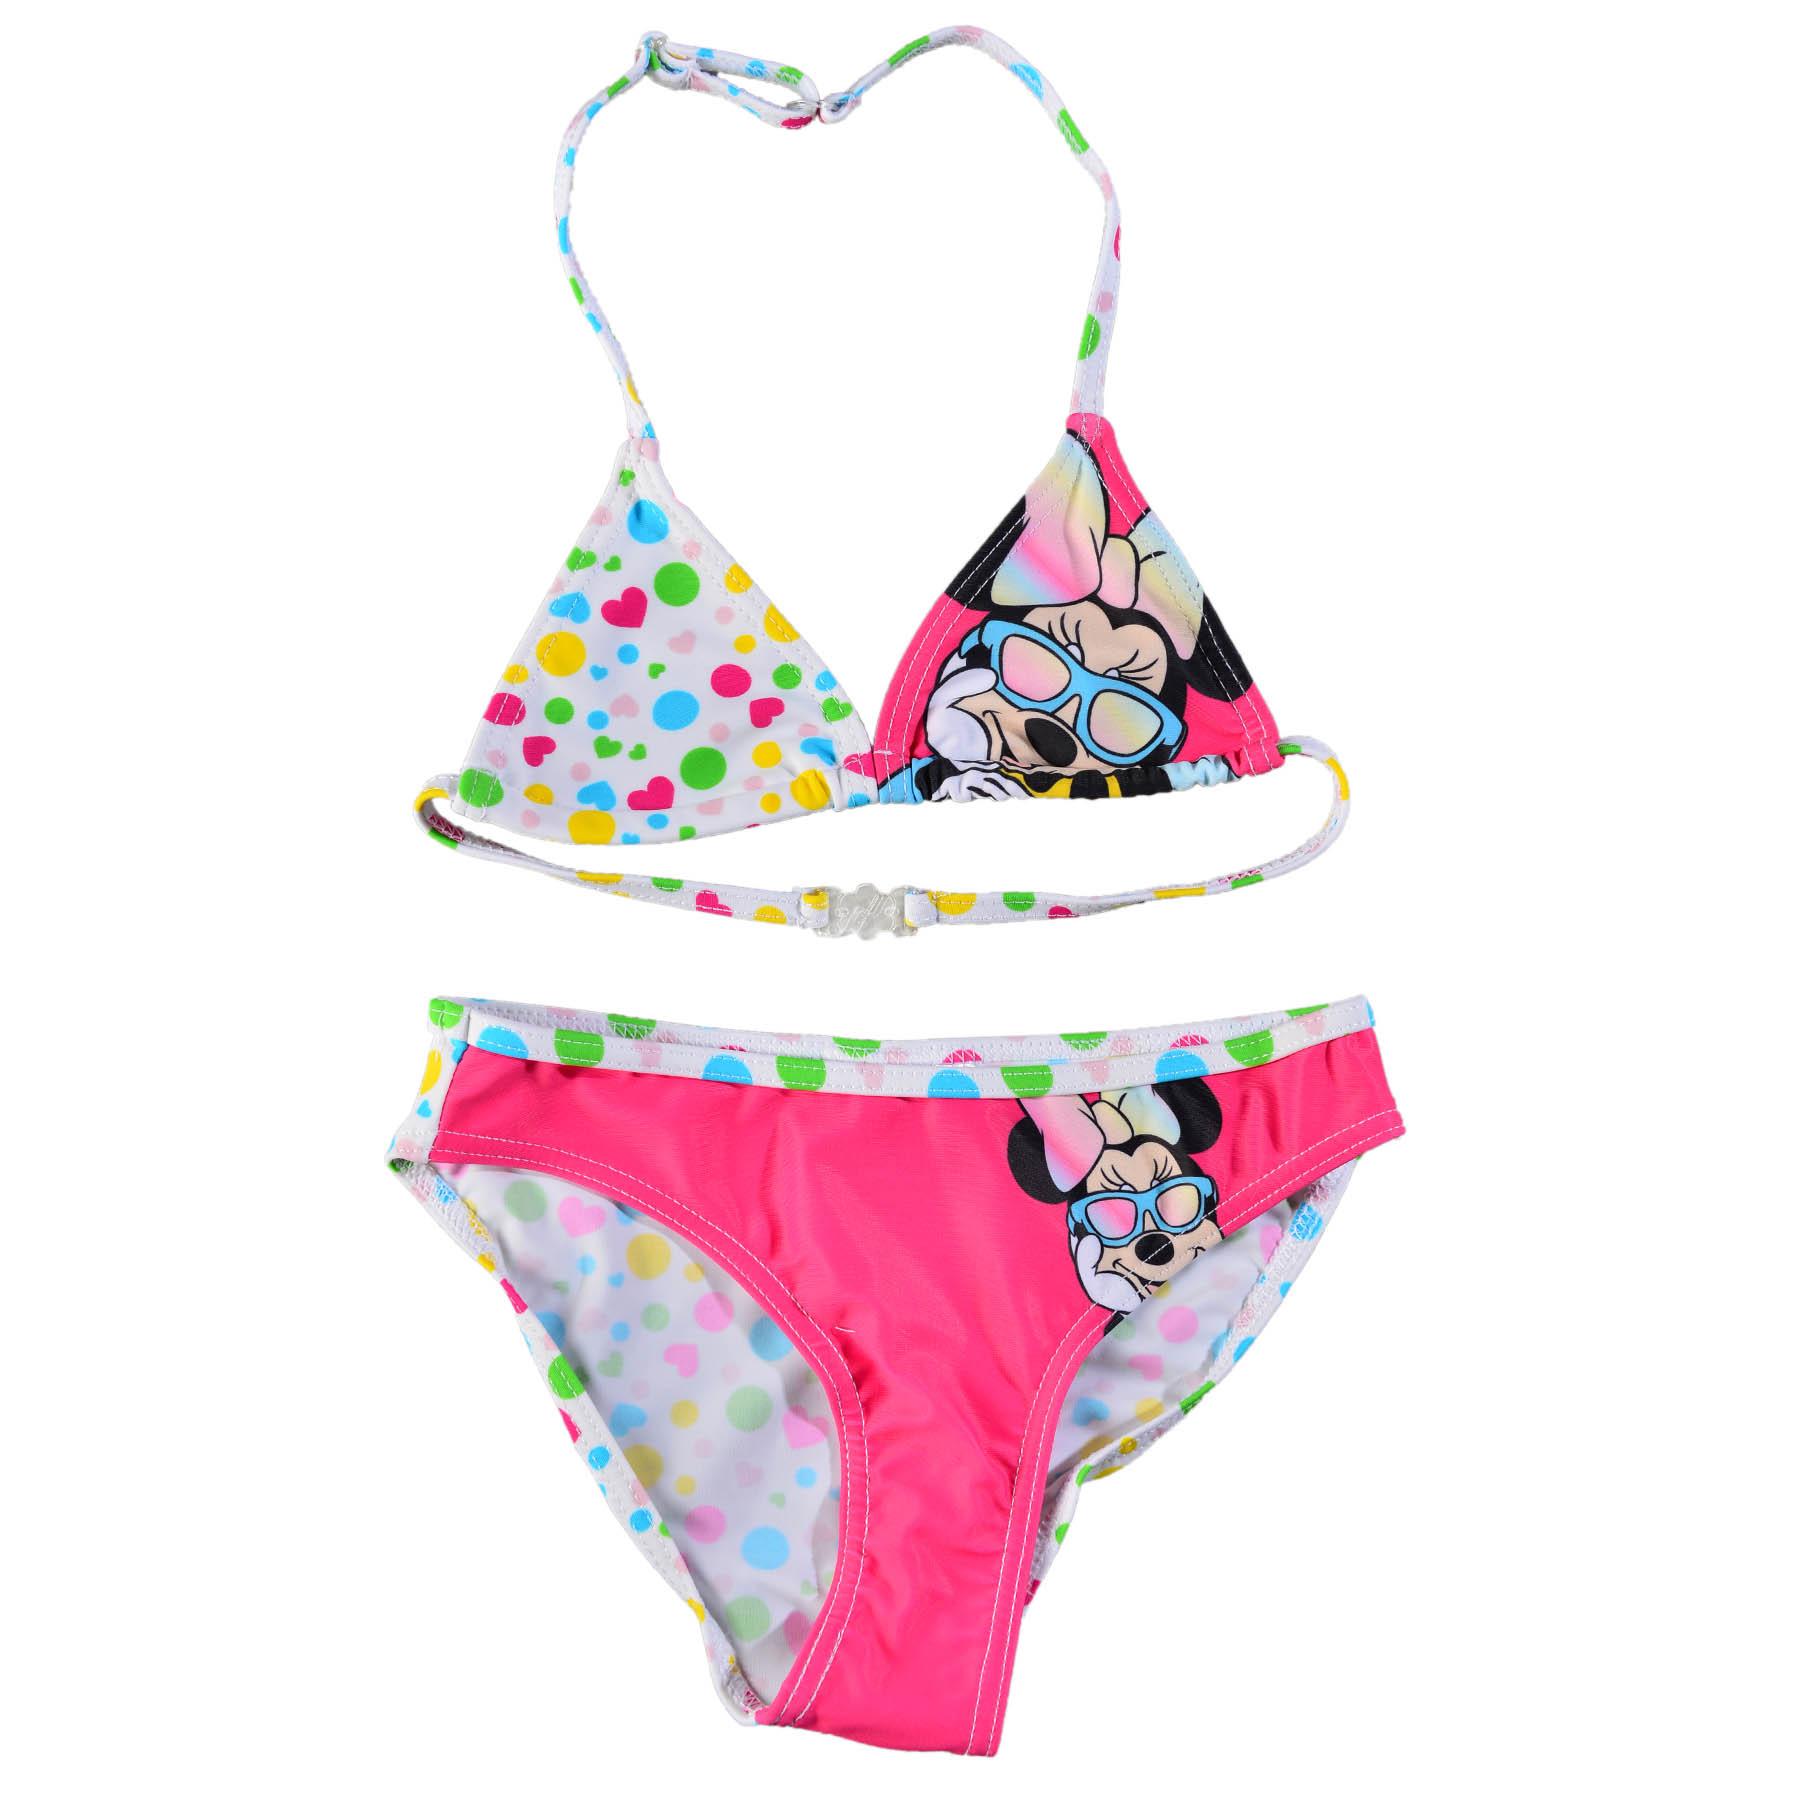 3289ab7cf Plavky pre dievčatá Minnie Mouse Disney 2826-MIN-563. Plavky pre dievčatá